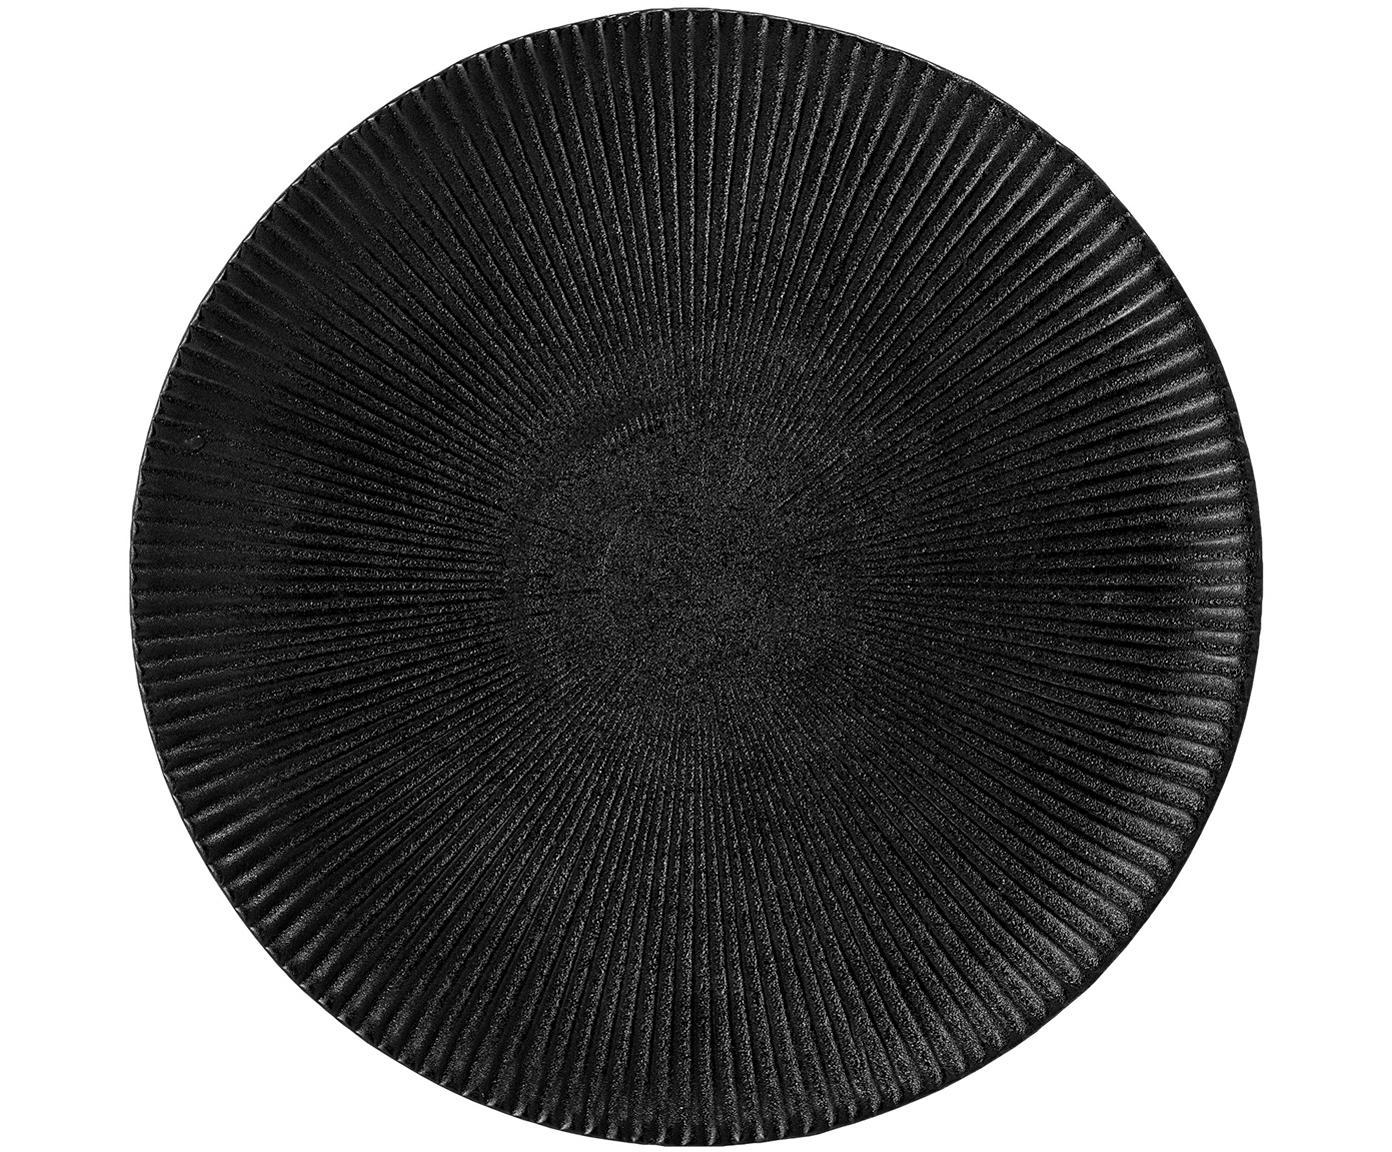 Piatto da colazione con struttura rigata Neri 2 pz, Terracotta Con una struttura scanalata e una superficie leggermente ruvida, Nero, Ø 23 cm